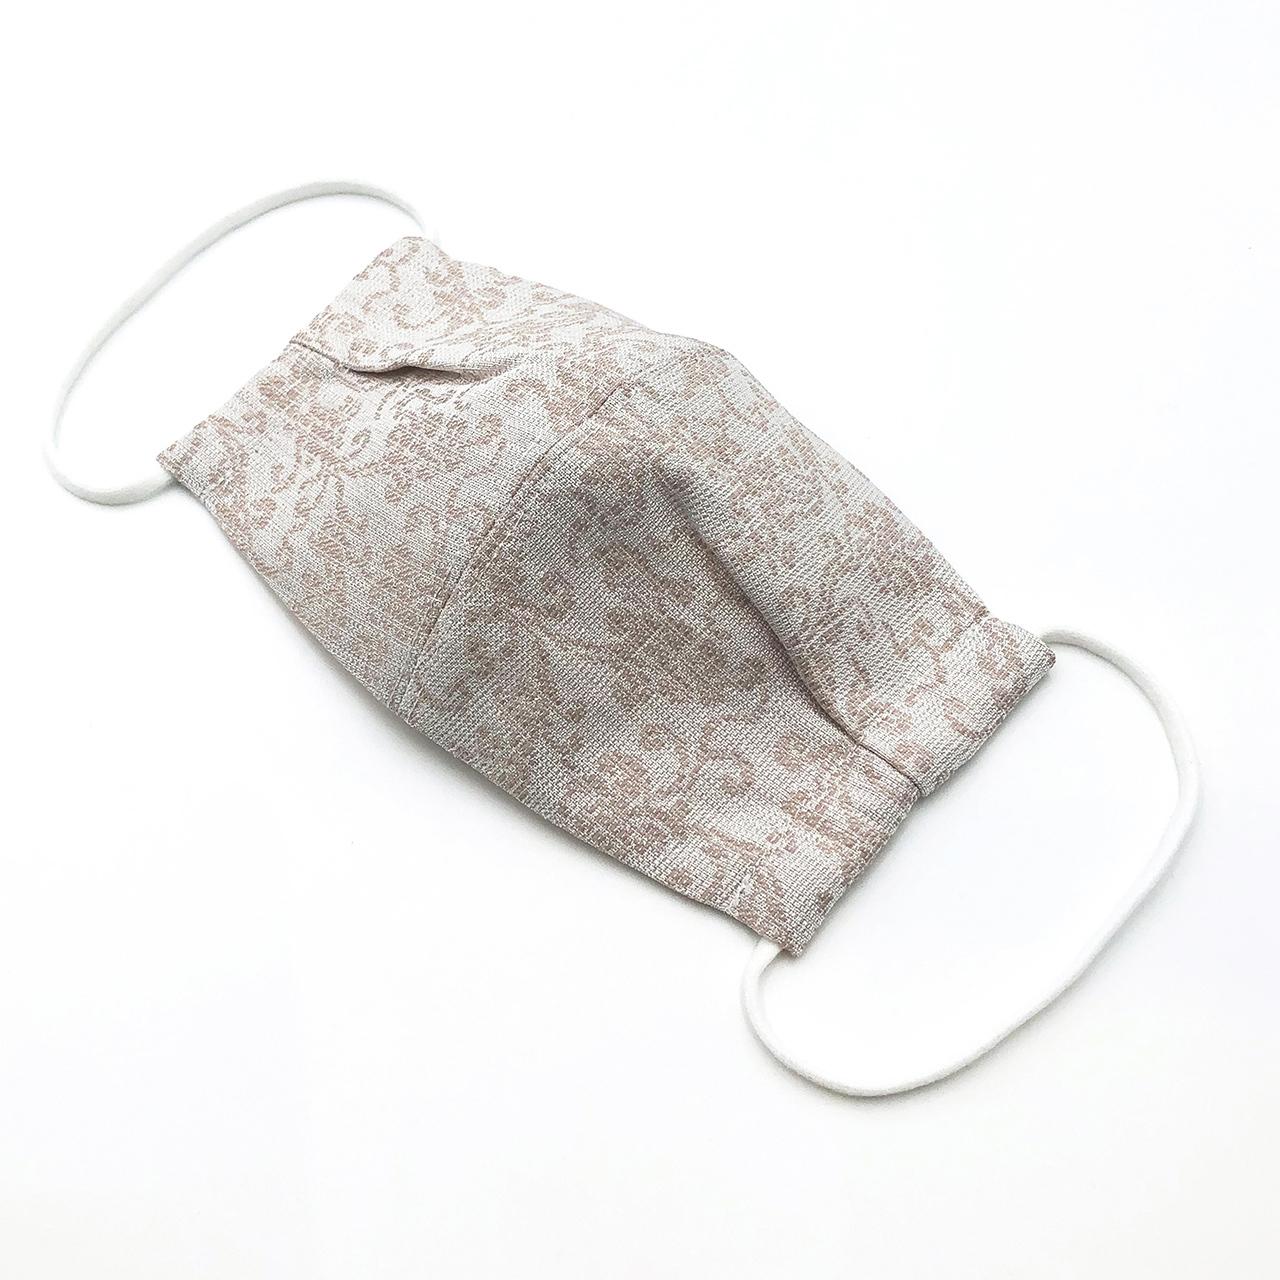 OKESAMONますく Limited(モカ) 織物マスク